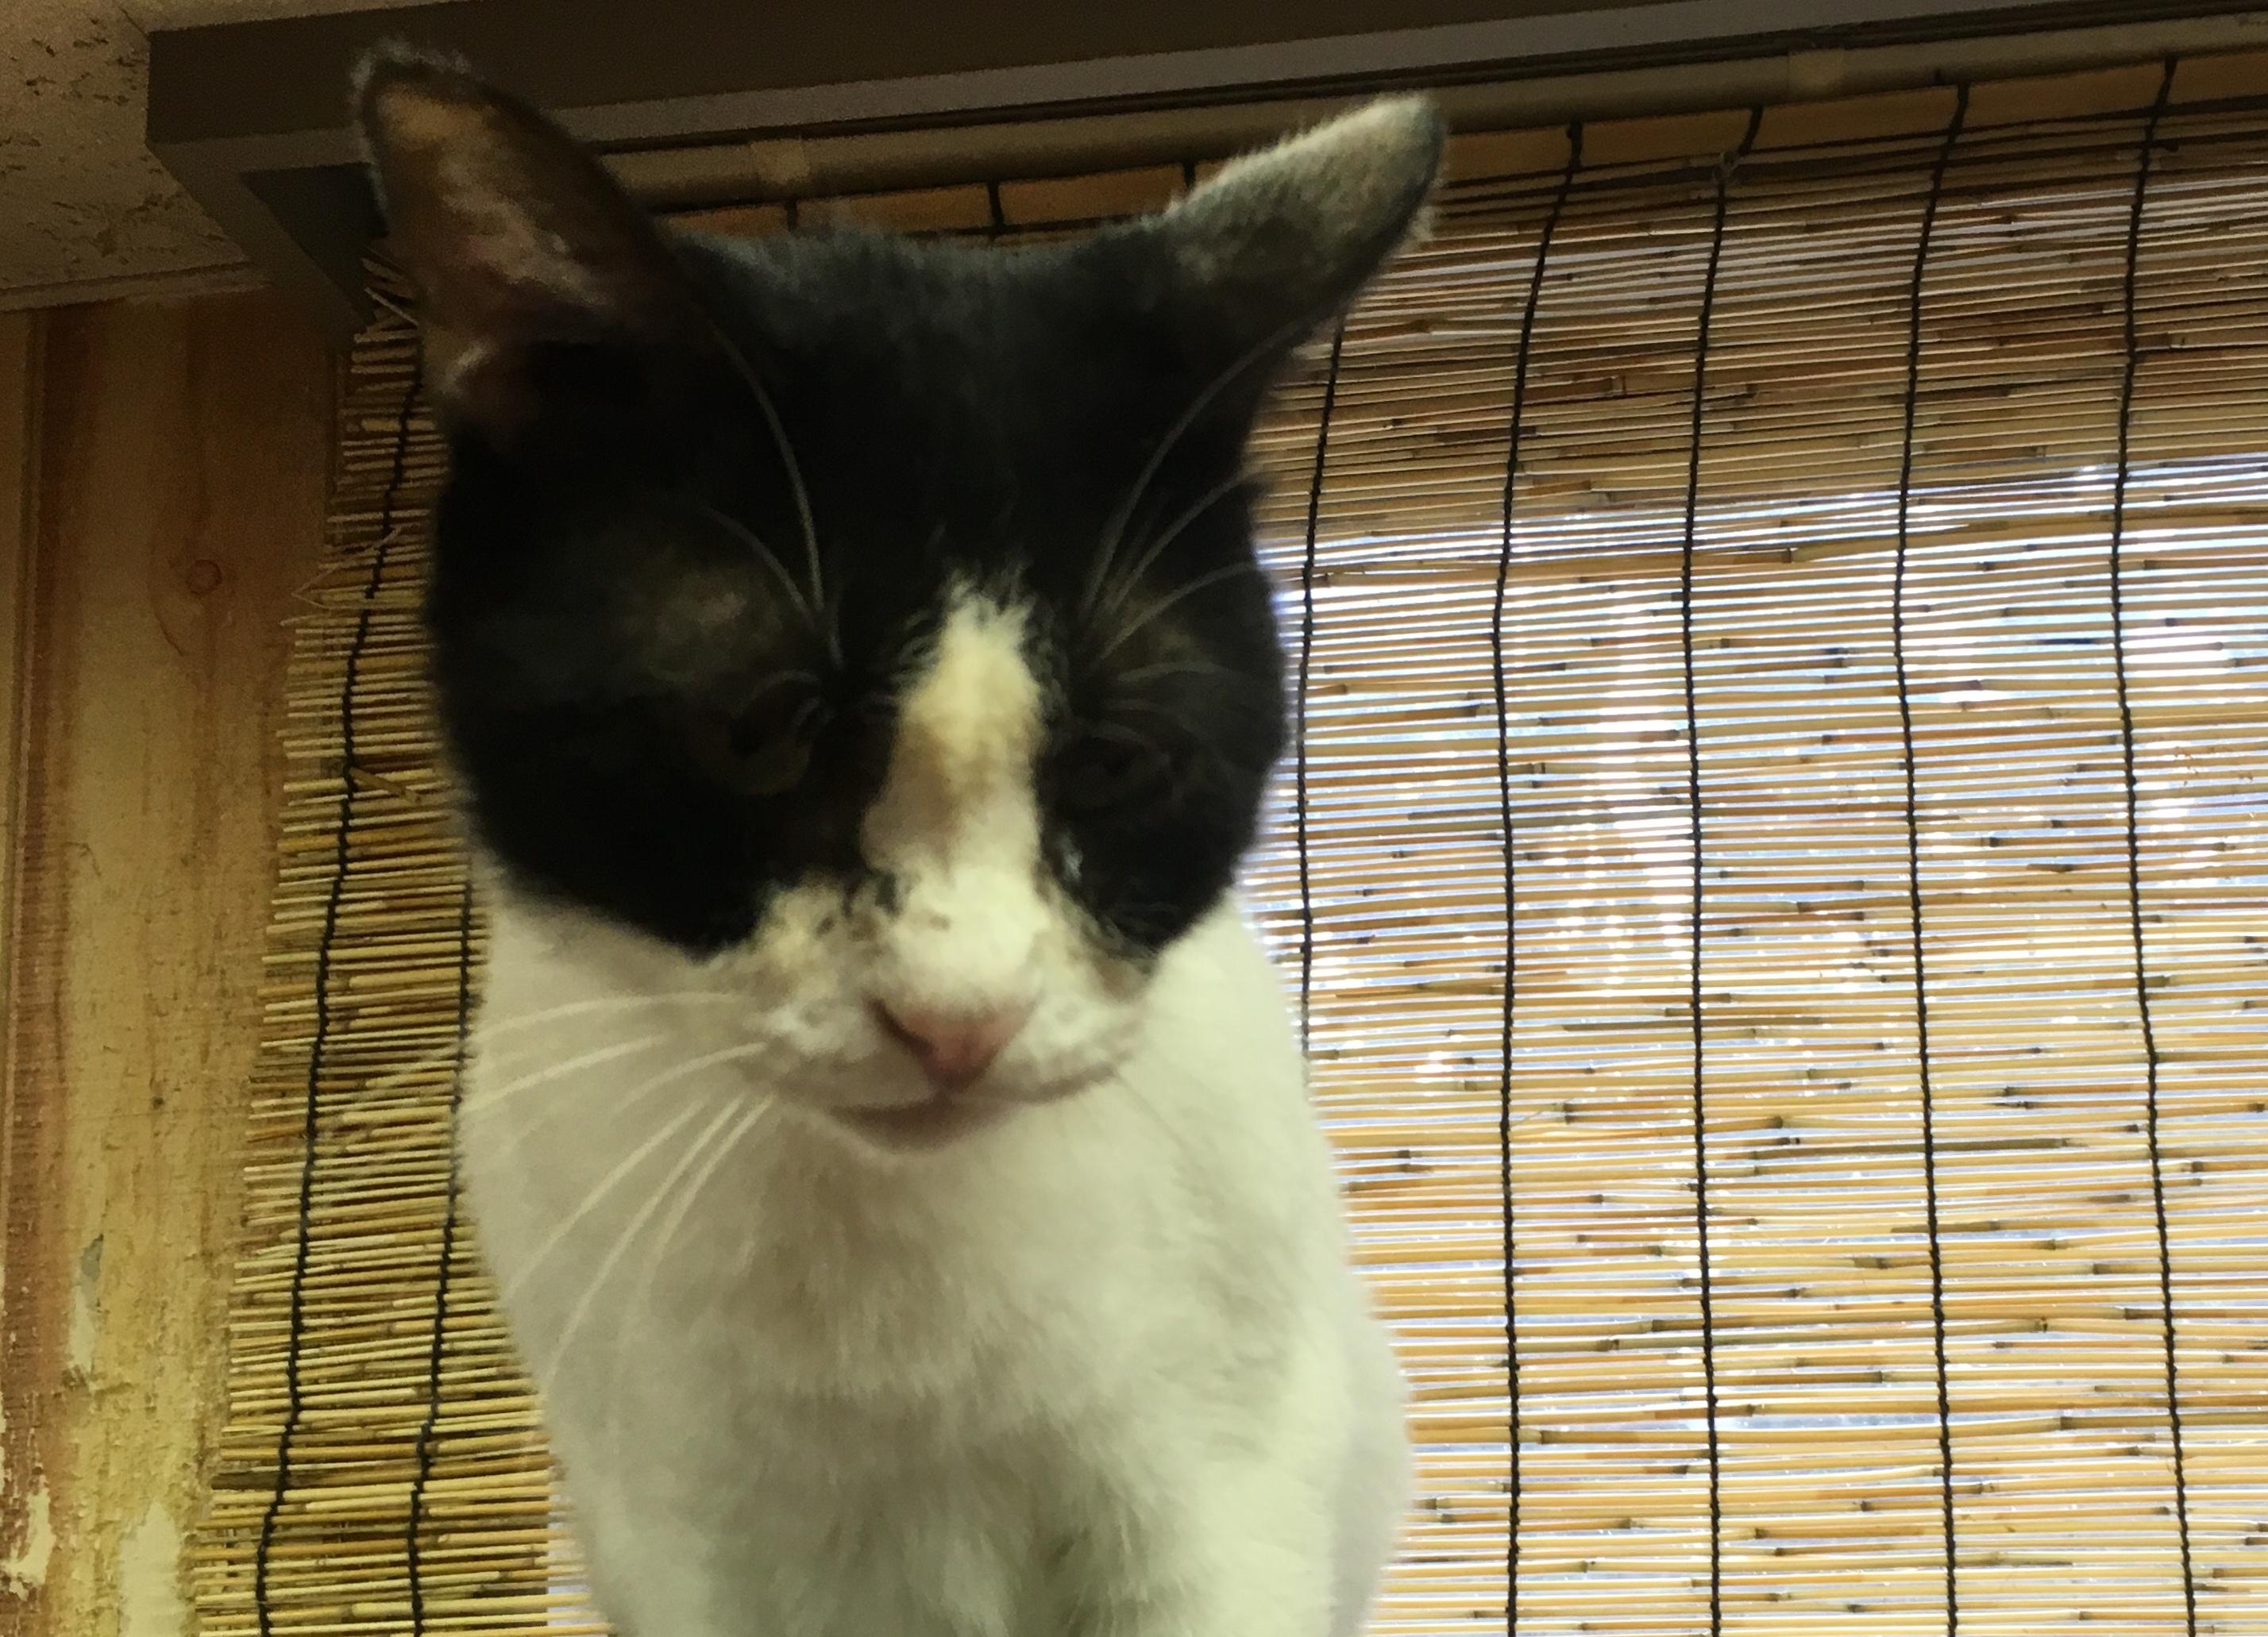 <ul> <li>G10-9</li> <li>猫種:日本猫 黒白</li> <li>性別:男の子</li> <li>名前:ゼンザイ</li> <li>年齢:4才</li> <li>保護経緯:飼い主様の諸事情により飼育困難になりました</li> <li>その他:去勢済み</li> </ul>